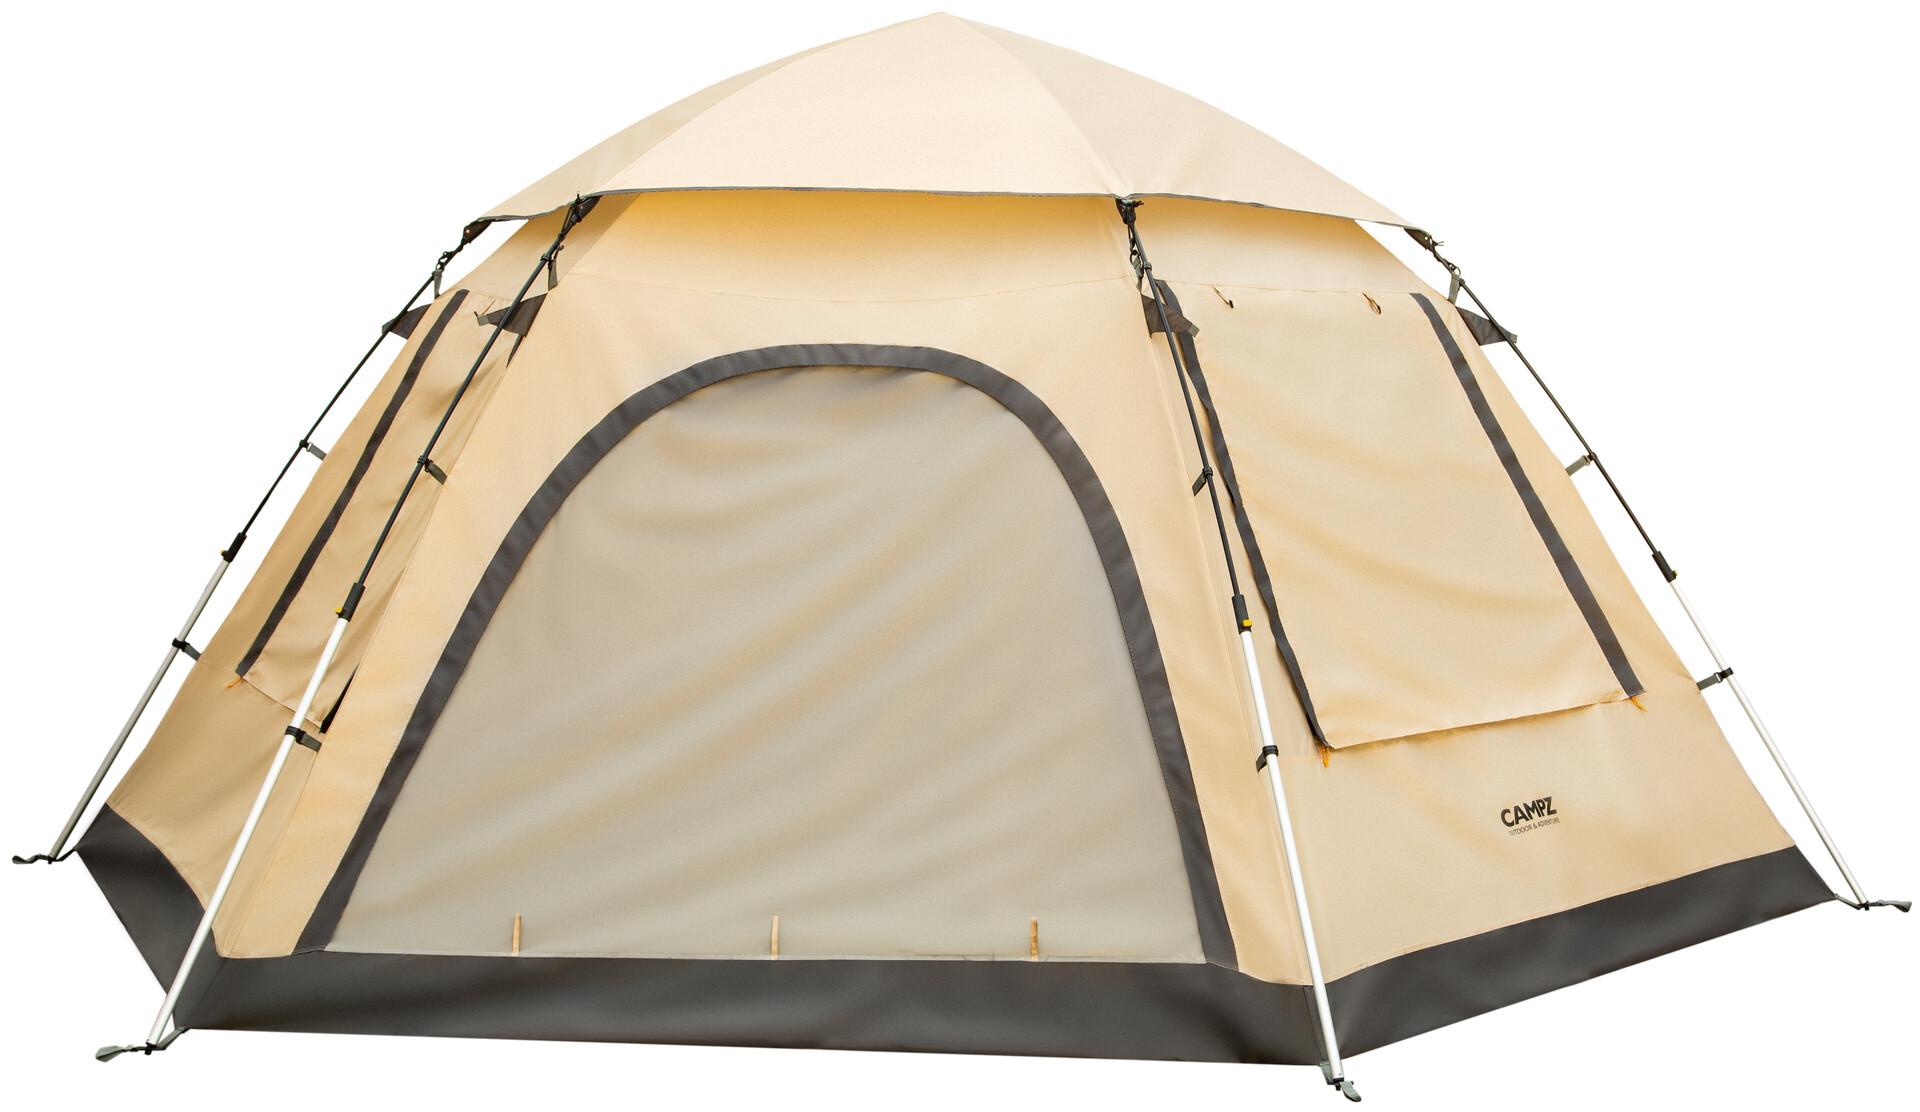 CAMPZ Piemonte 3P Telt, beigegrey | Find outdoortøj, sko